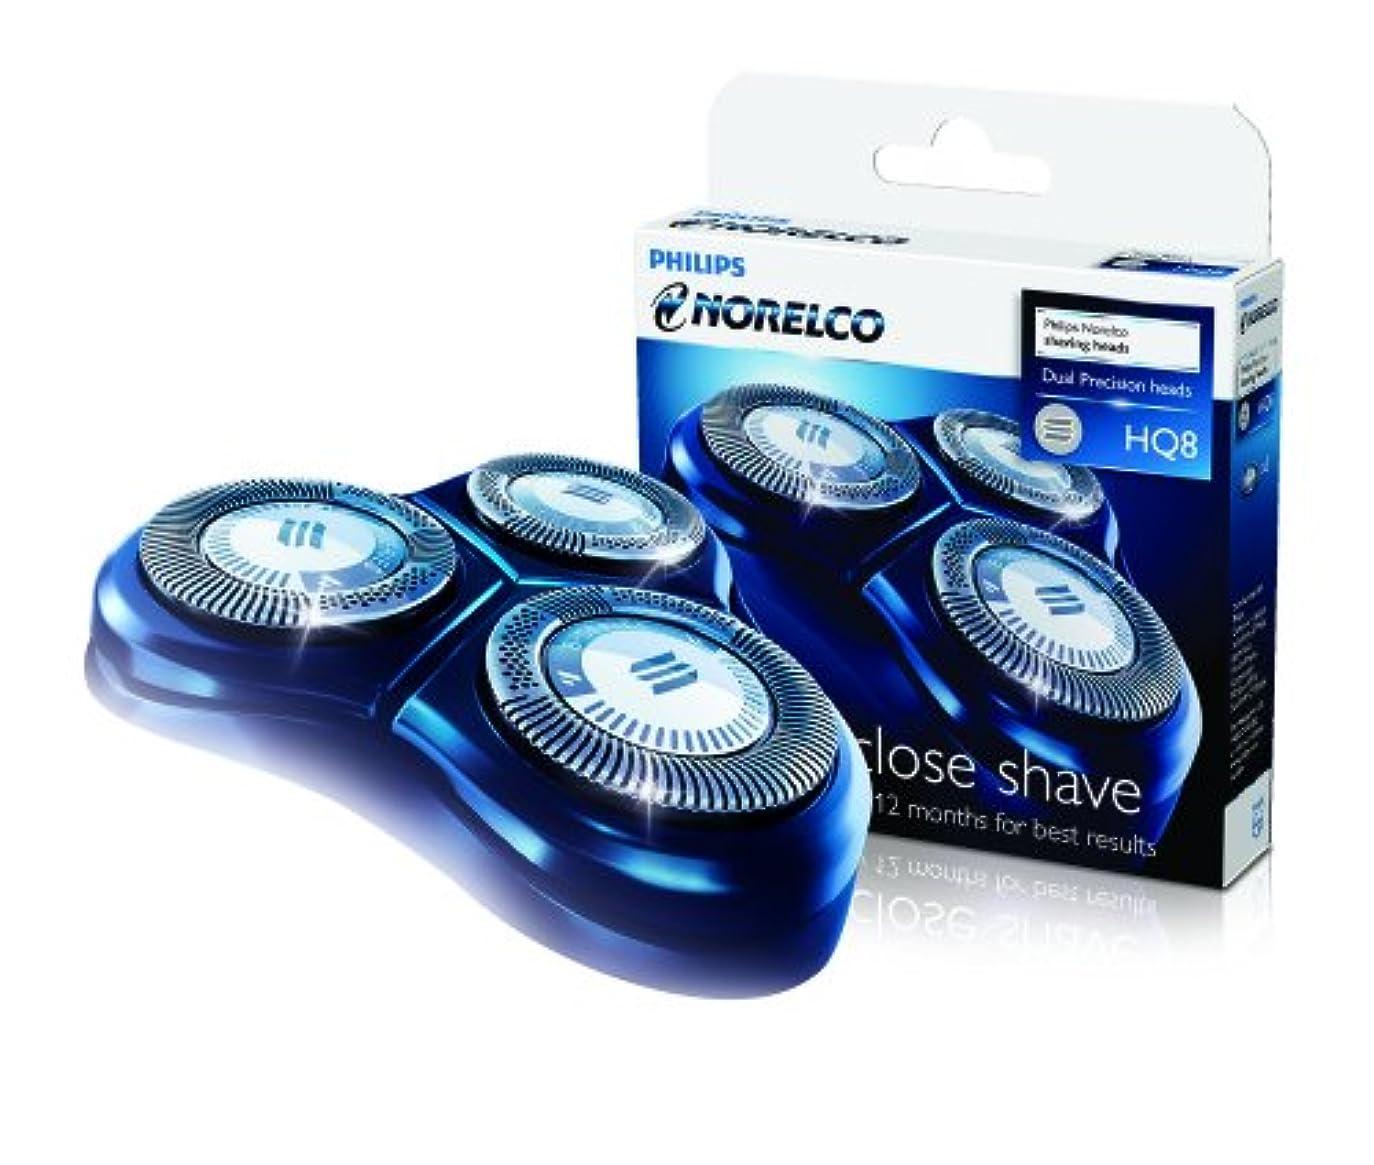 有能な失業計画Philips Norelco HQ8 Sensotec Spectra (3 Pack) For Use With Philips Shavers: 7100 Series, 7200 Series, 7300 Series, 8400 Series, 8800 Series, shaver heads razor blades cutters and foils replacement shaving head. [並行輸入品]